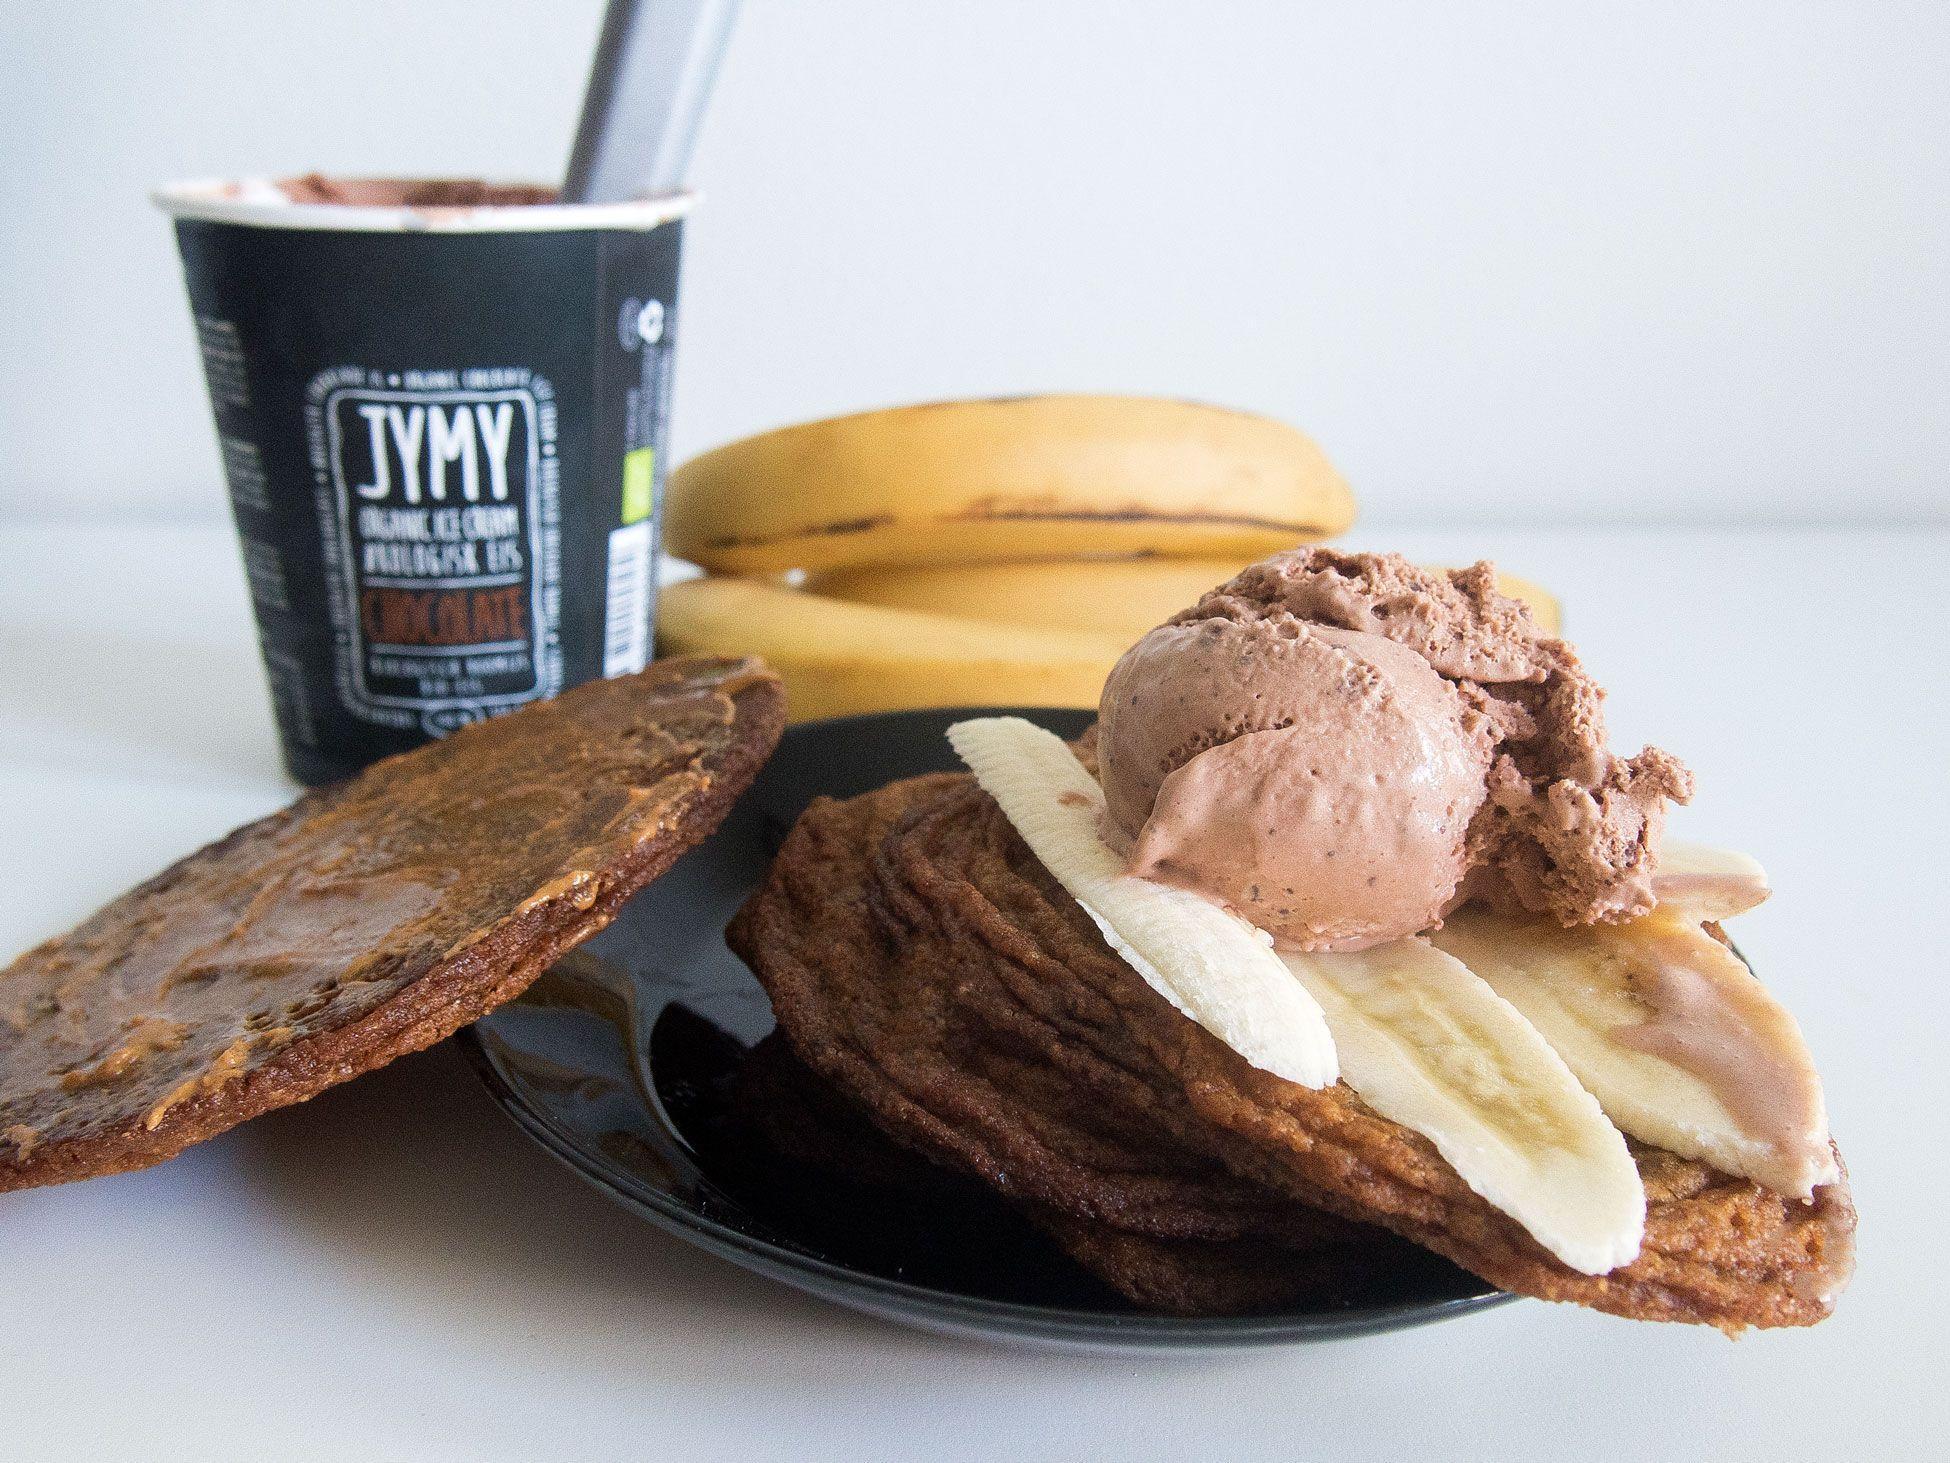 Jymy jäätelö | Miten saat hyvän jäätelön riittämään useammalle?